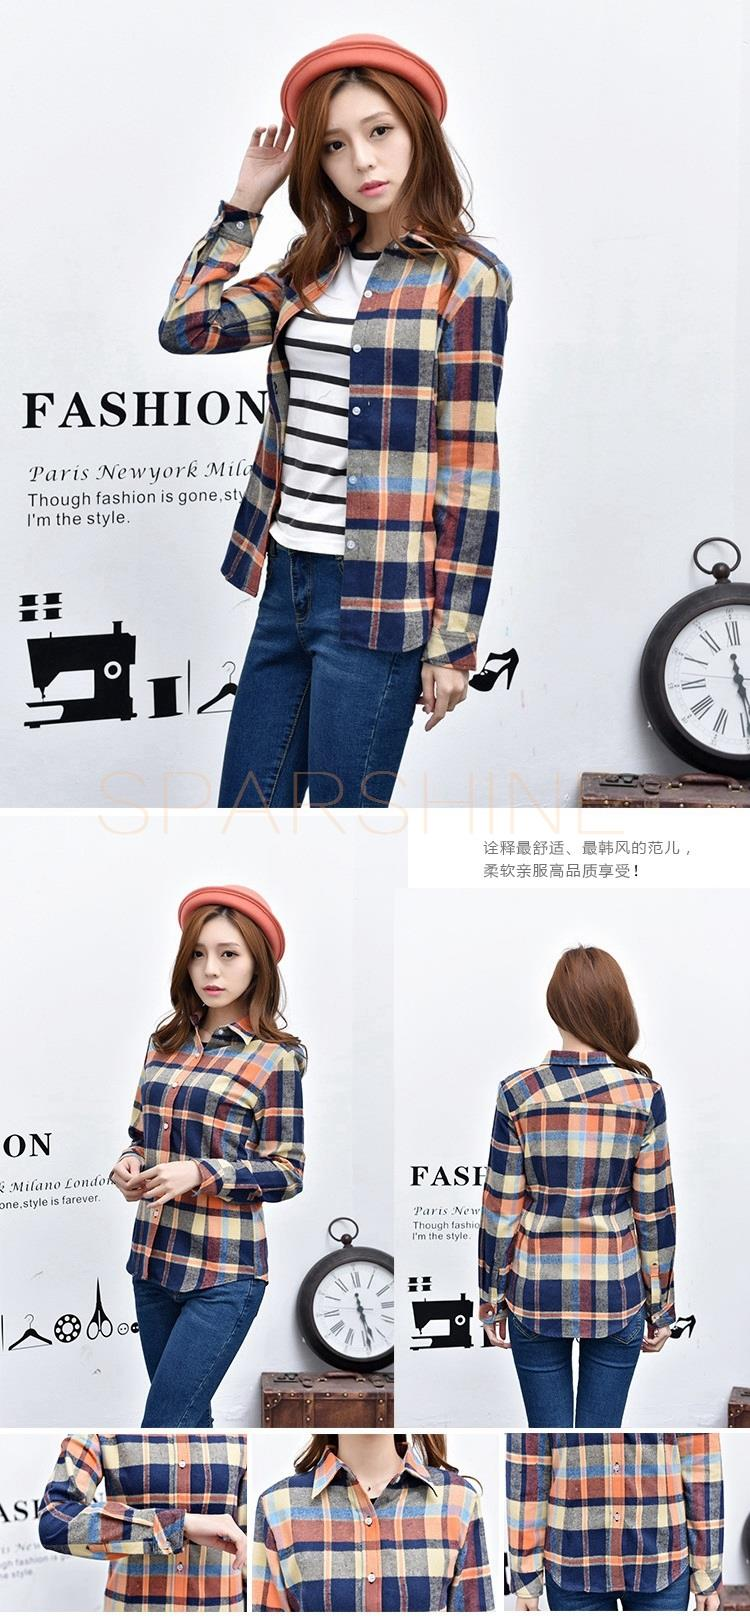 HTB16.LoLFXXXXaFXFXXq6xXFXXXu - Girl's Plaid Flannel Shirt PTC 67